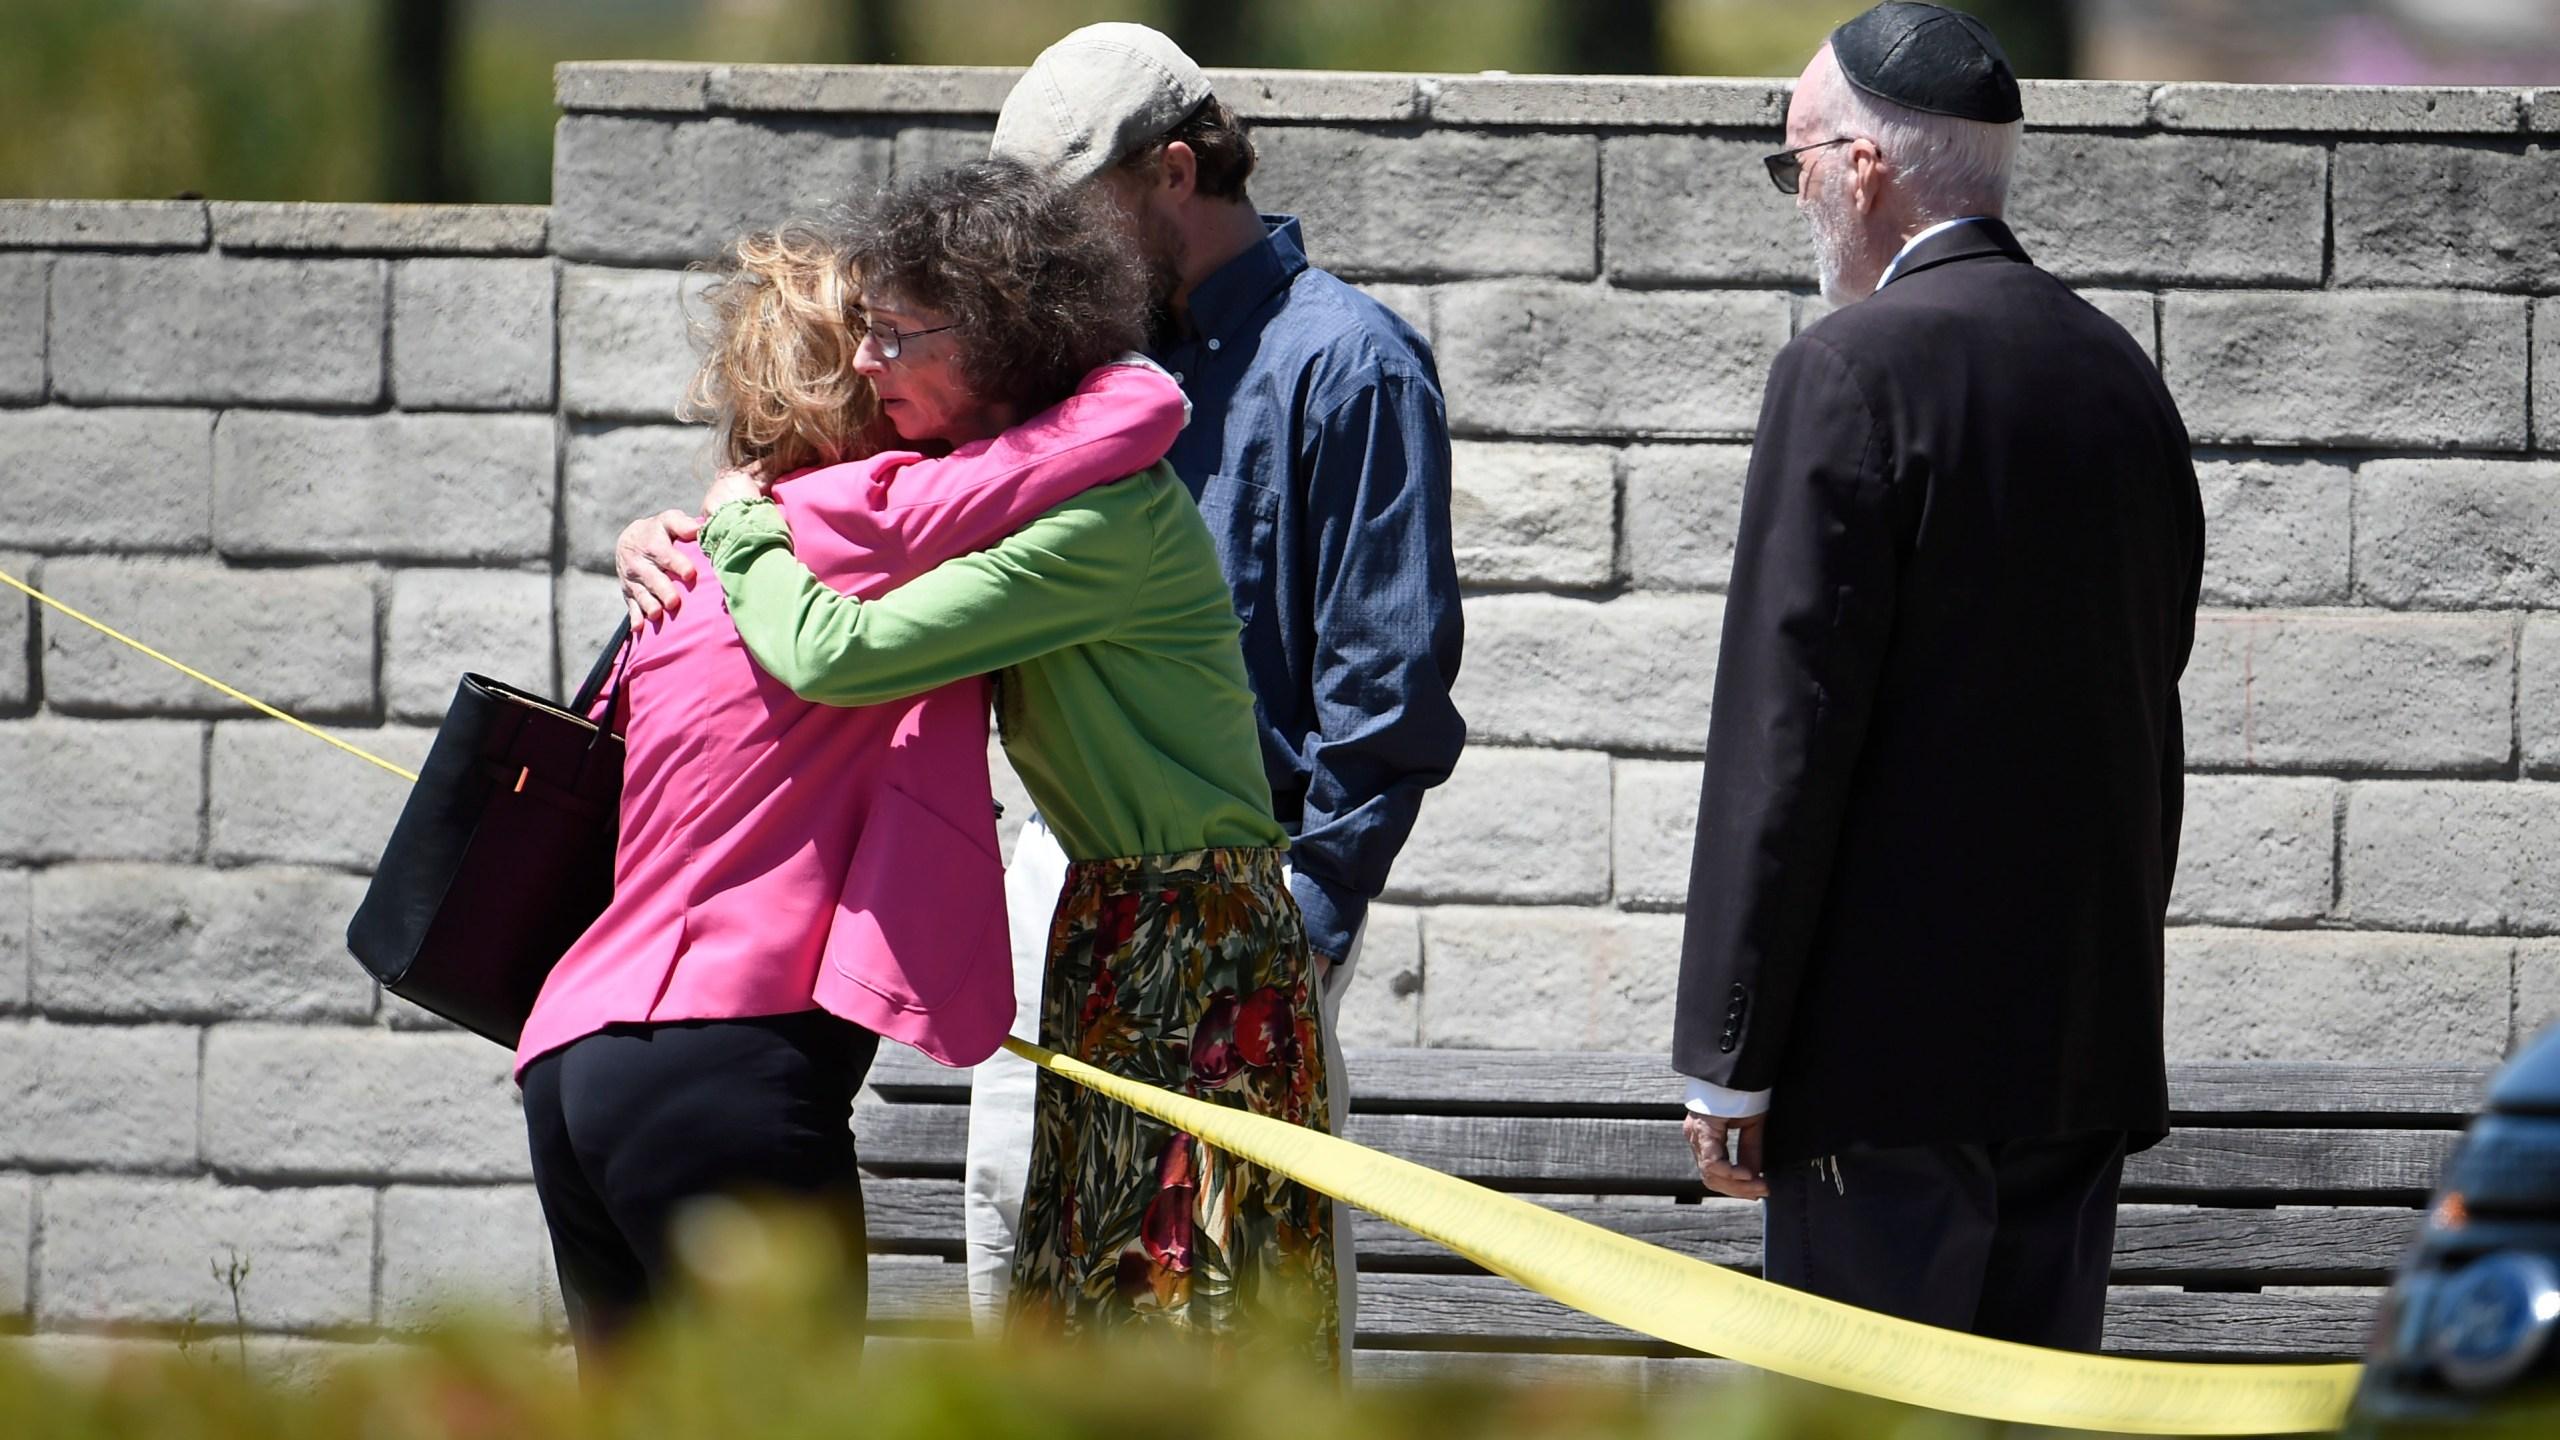 Synagogue_Shooting-California_56137-159532.jpg09440781